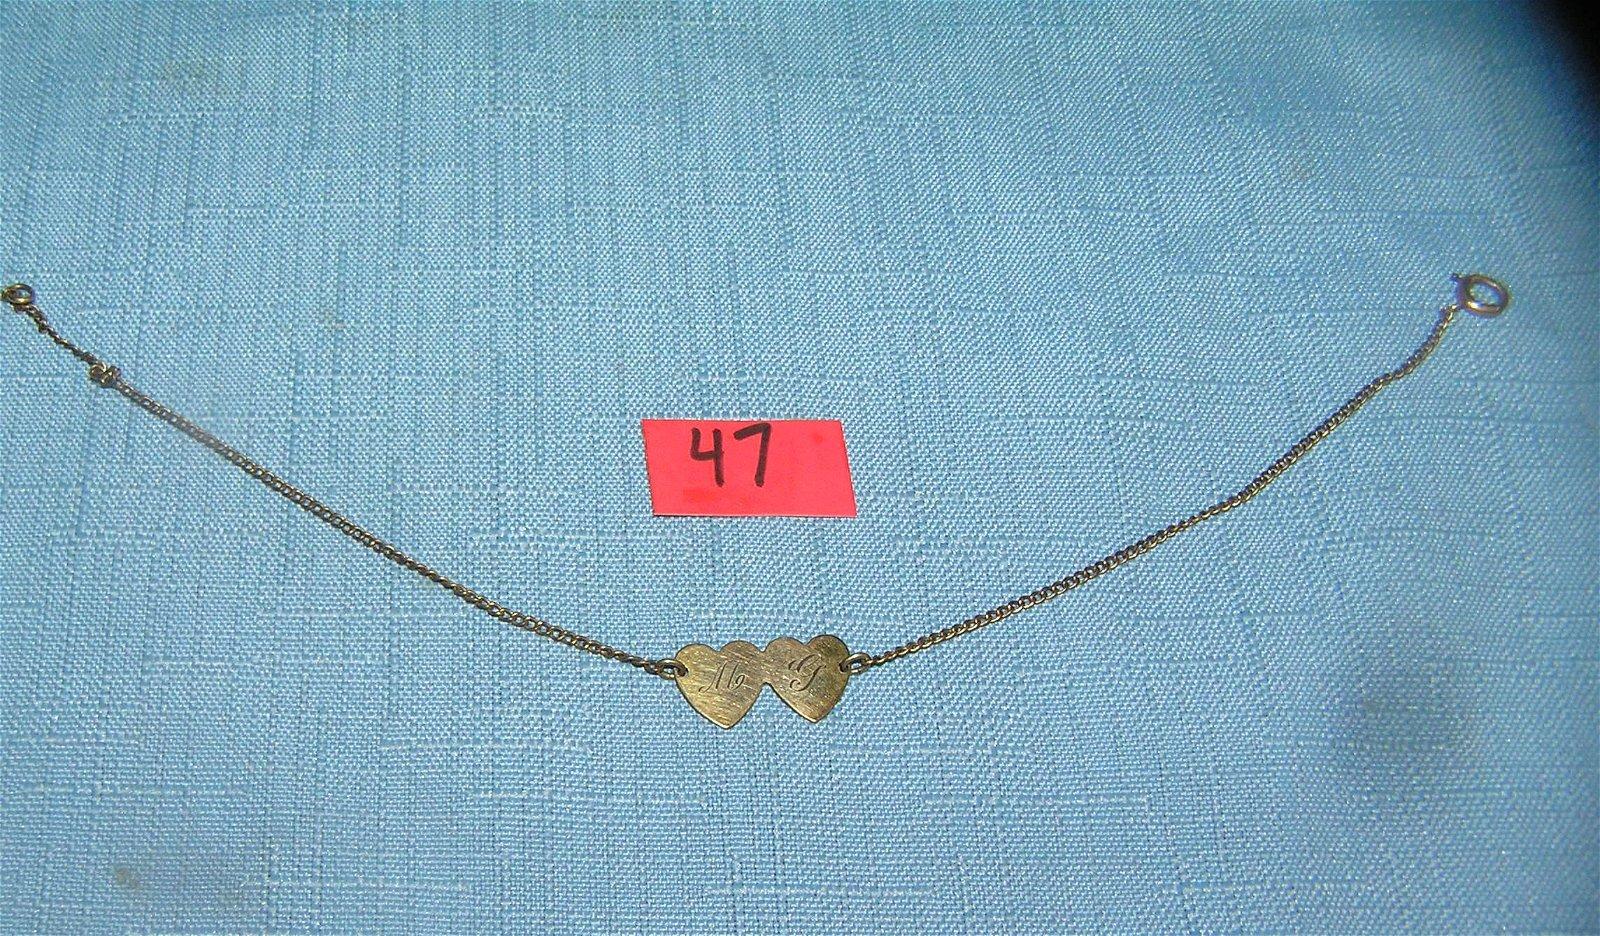 12K gold filled heart shaped ankle bracelet